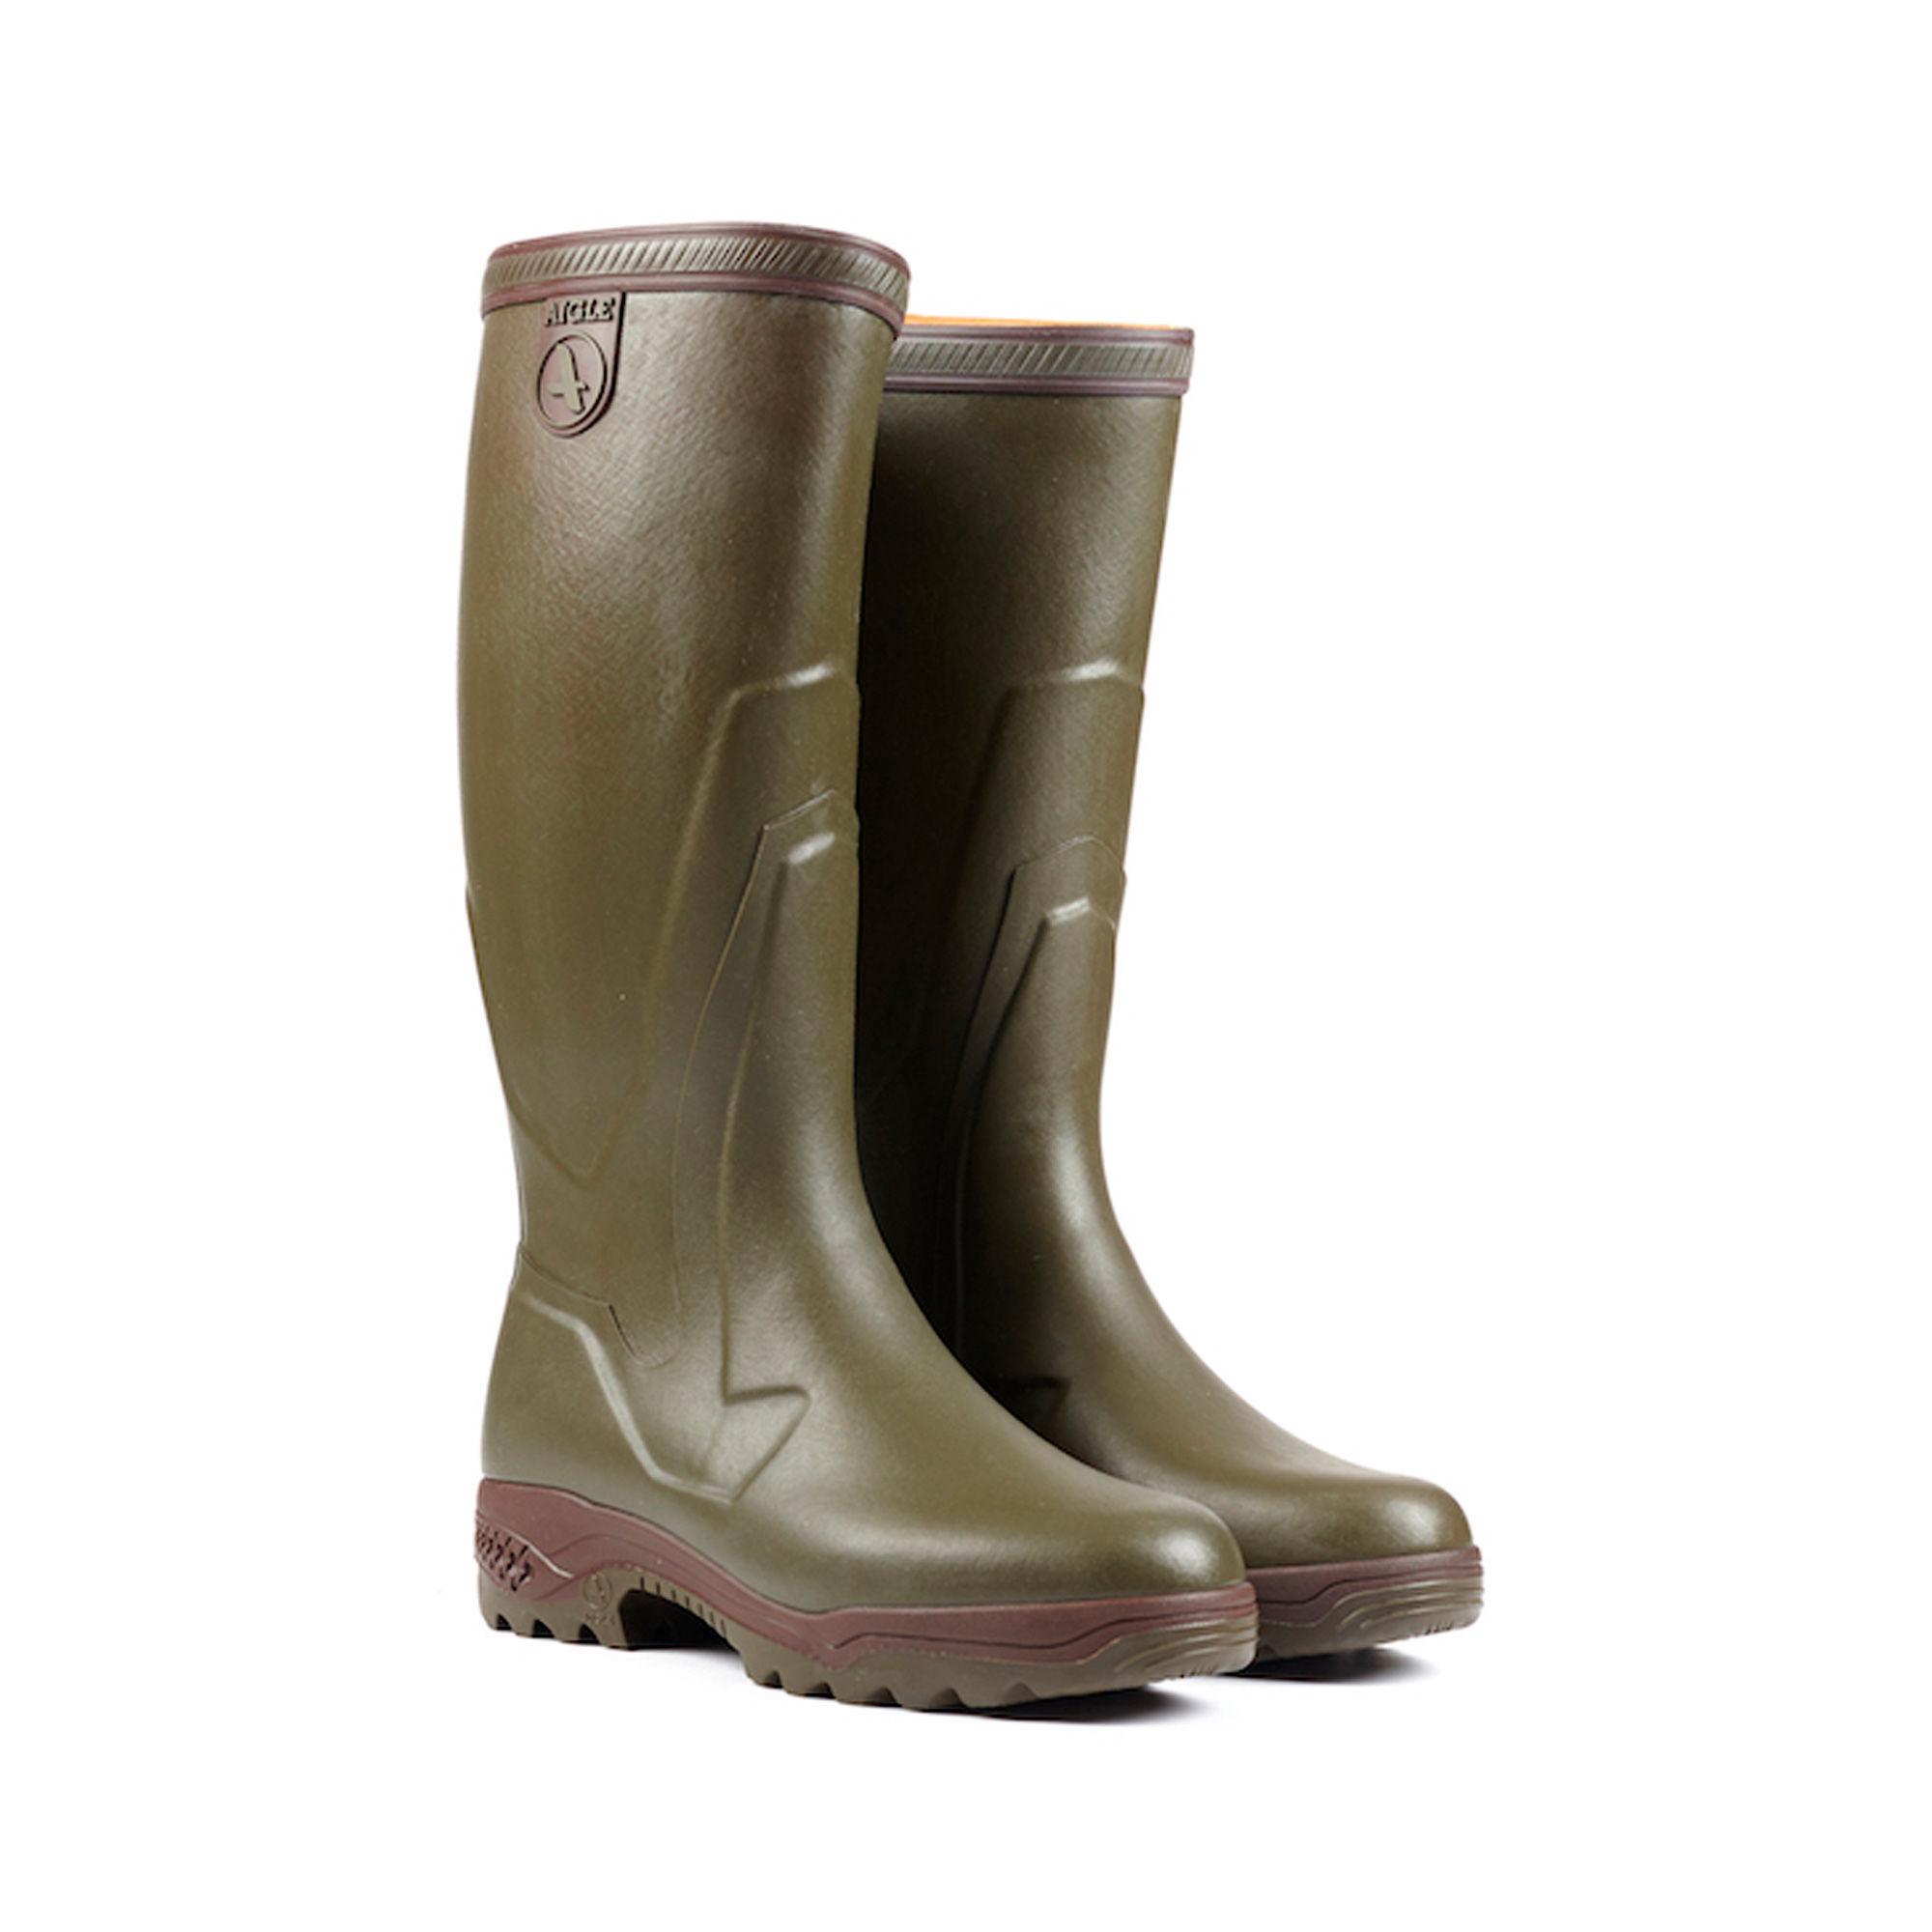 grand choix de 6394e 863aa AIGLE Parcours 2 Enduro Wellington Boots